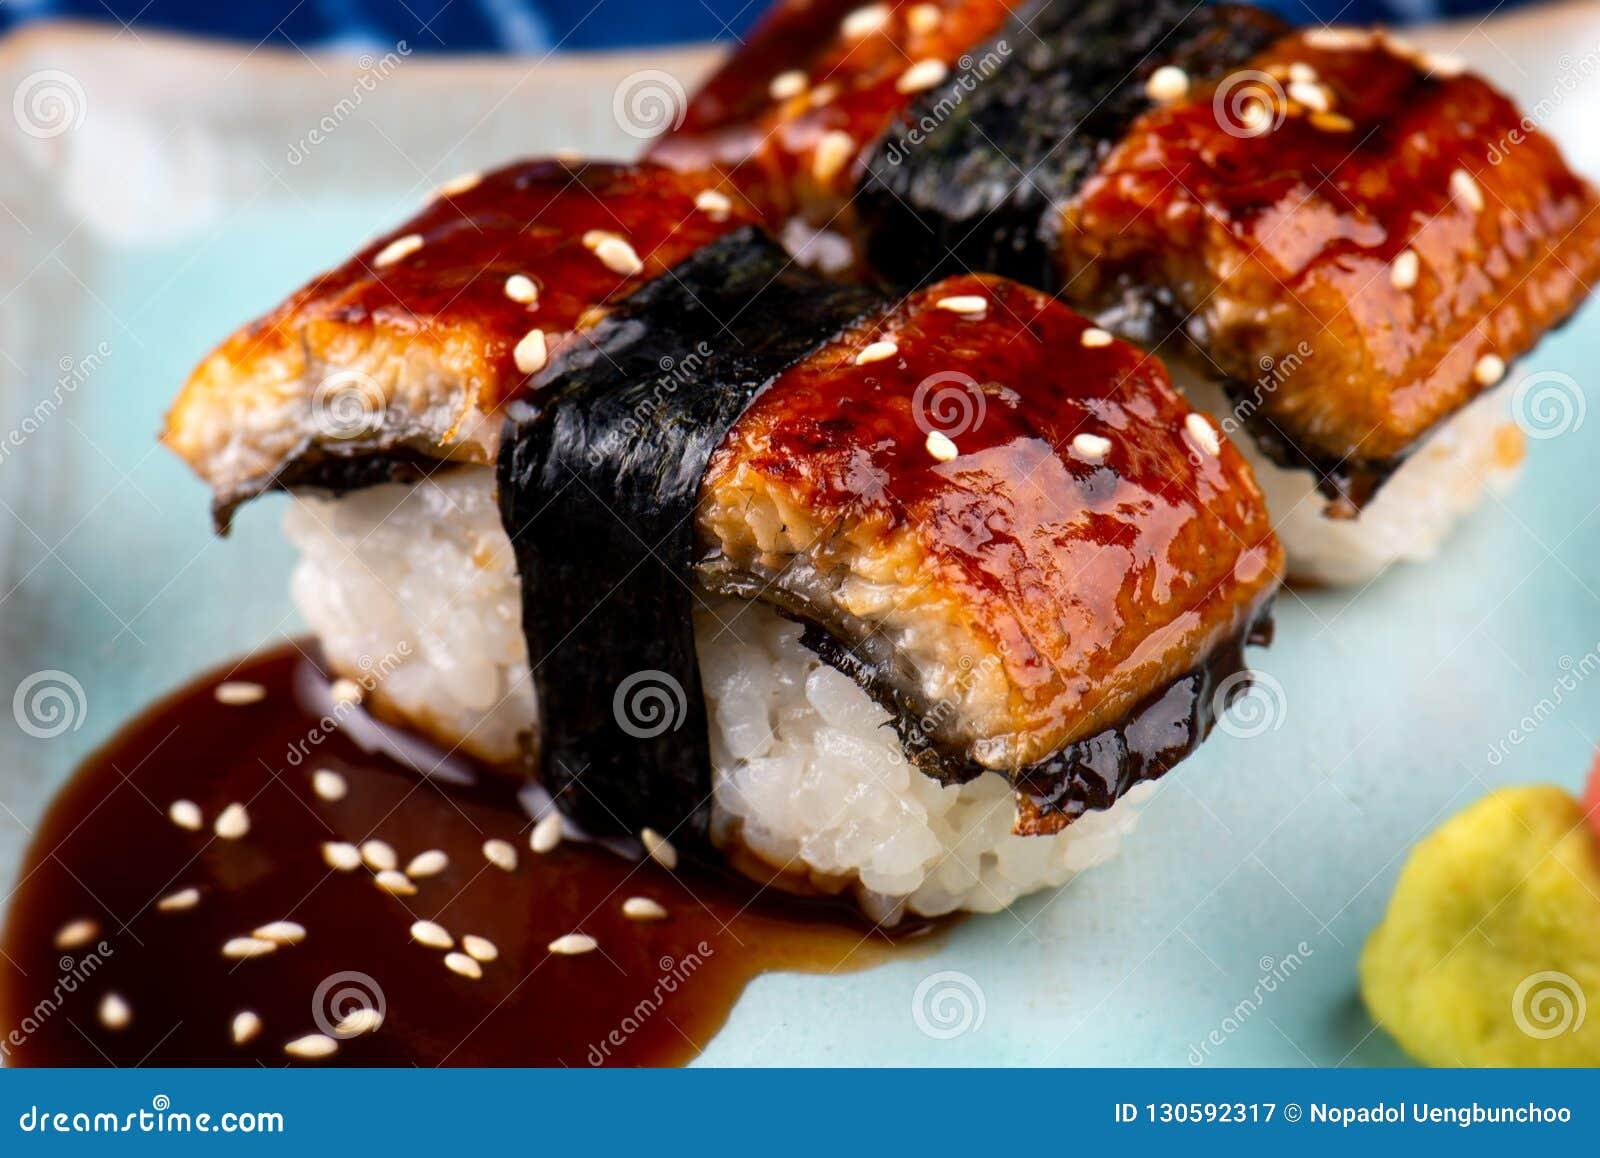 Unagi Sushi Or Japanese Eel Grilled, Stock Image - Image ...